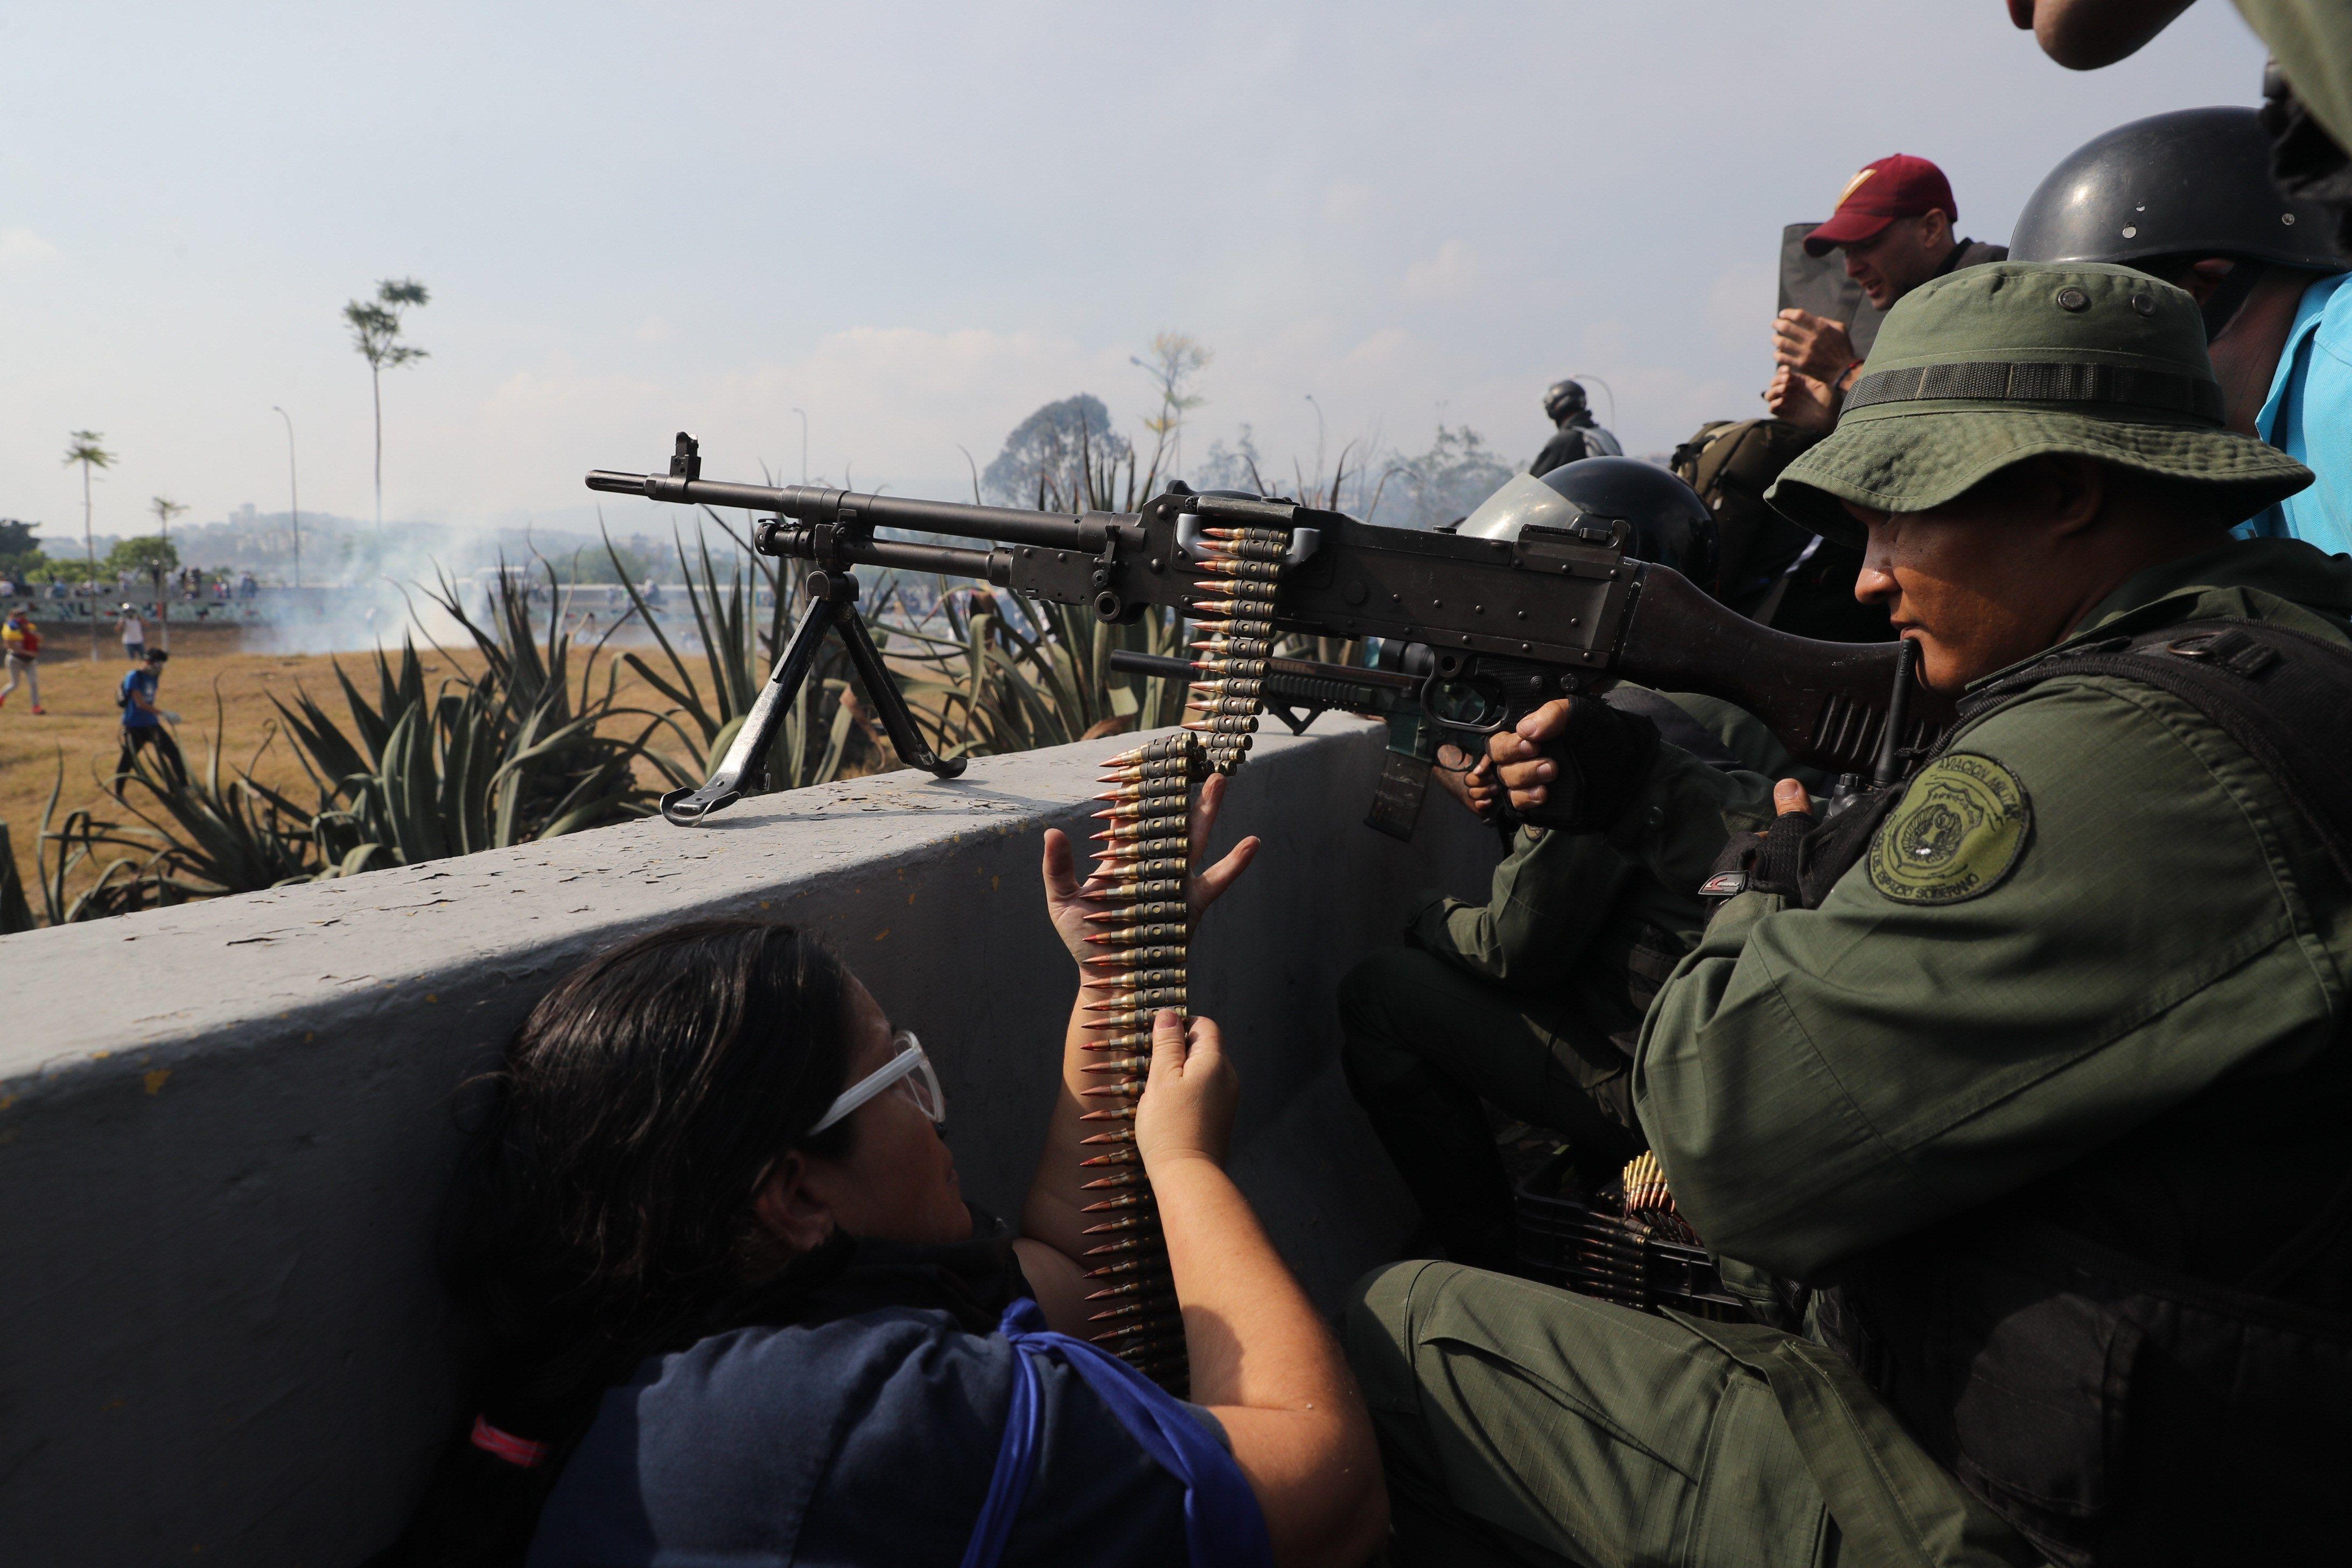 Imágenes de agencias internacionales han mostrado los enfrentamientos en Venezuela. Foto Prensa Libre: EFE